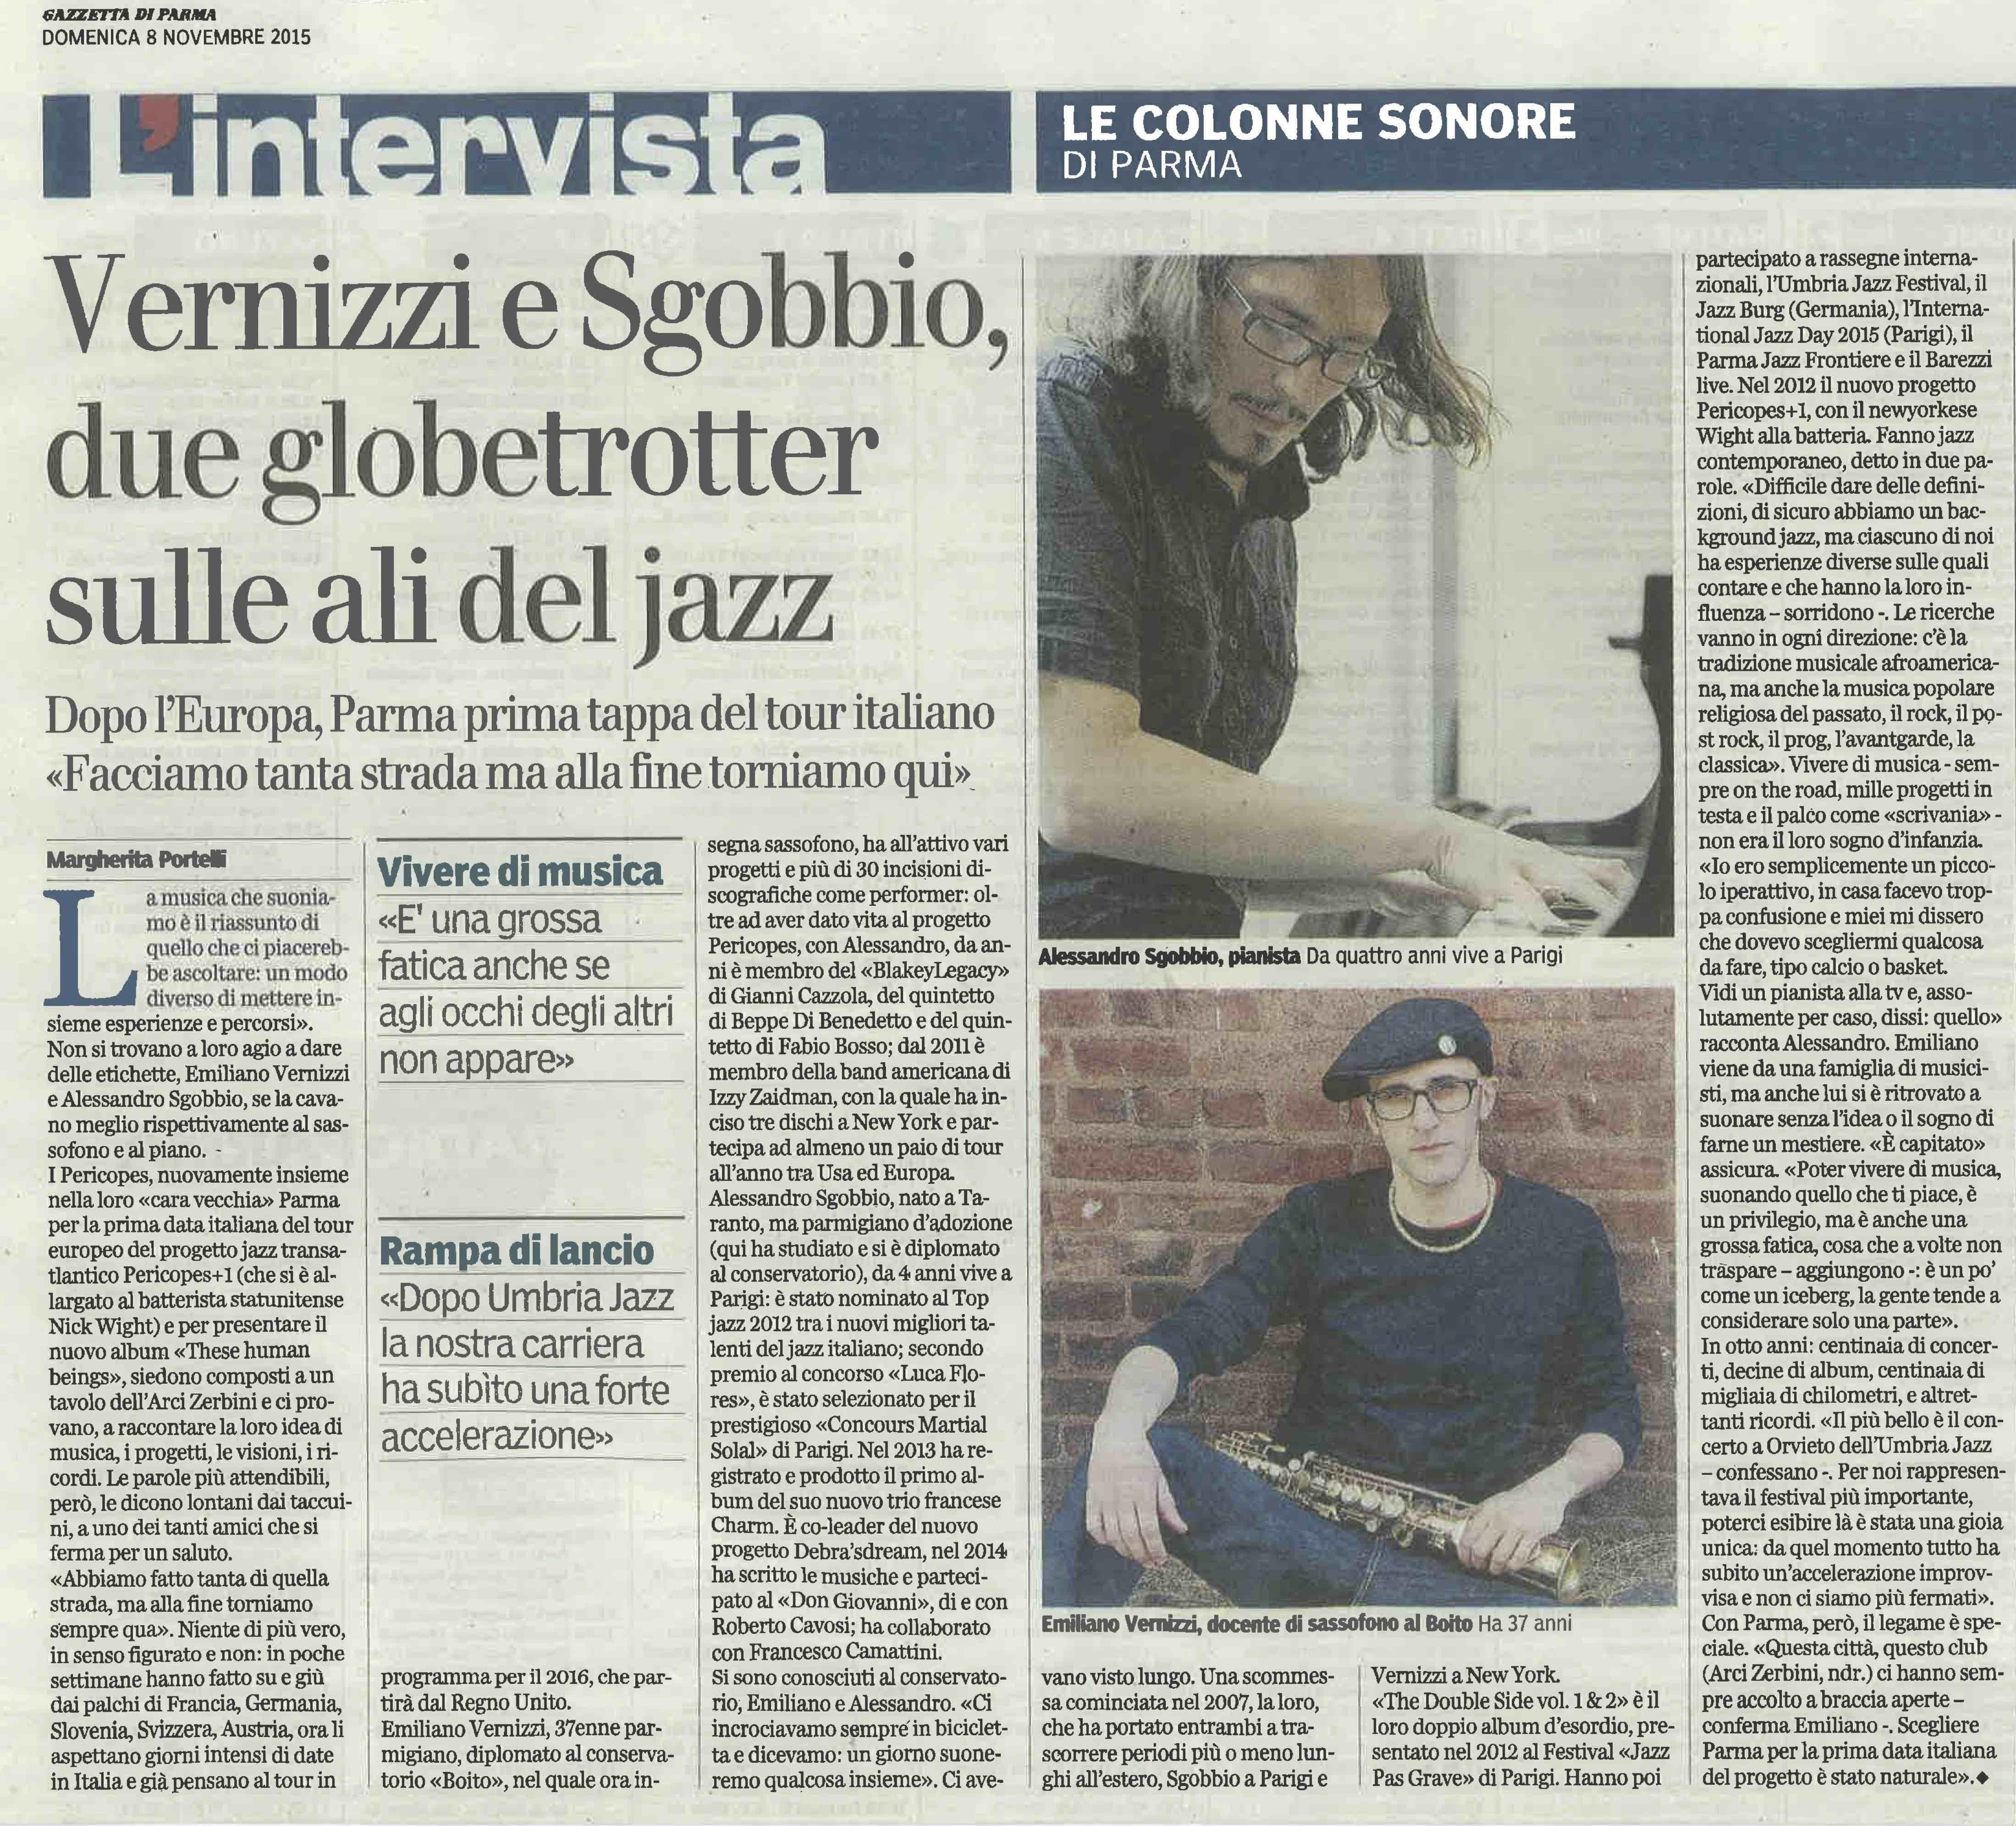 Pericopes - Intervista Gazzetta di Parma 2015 lq